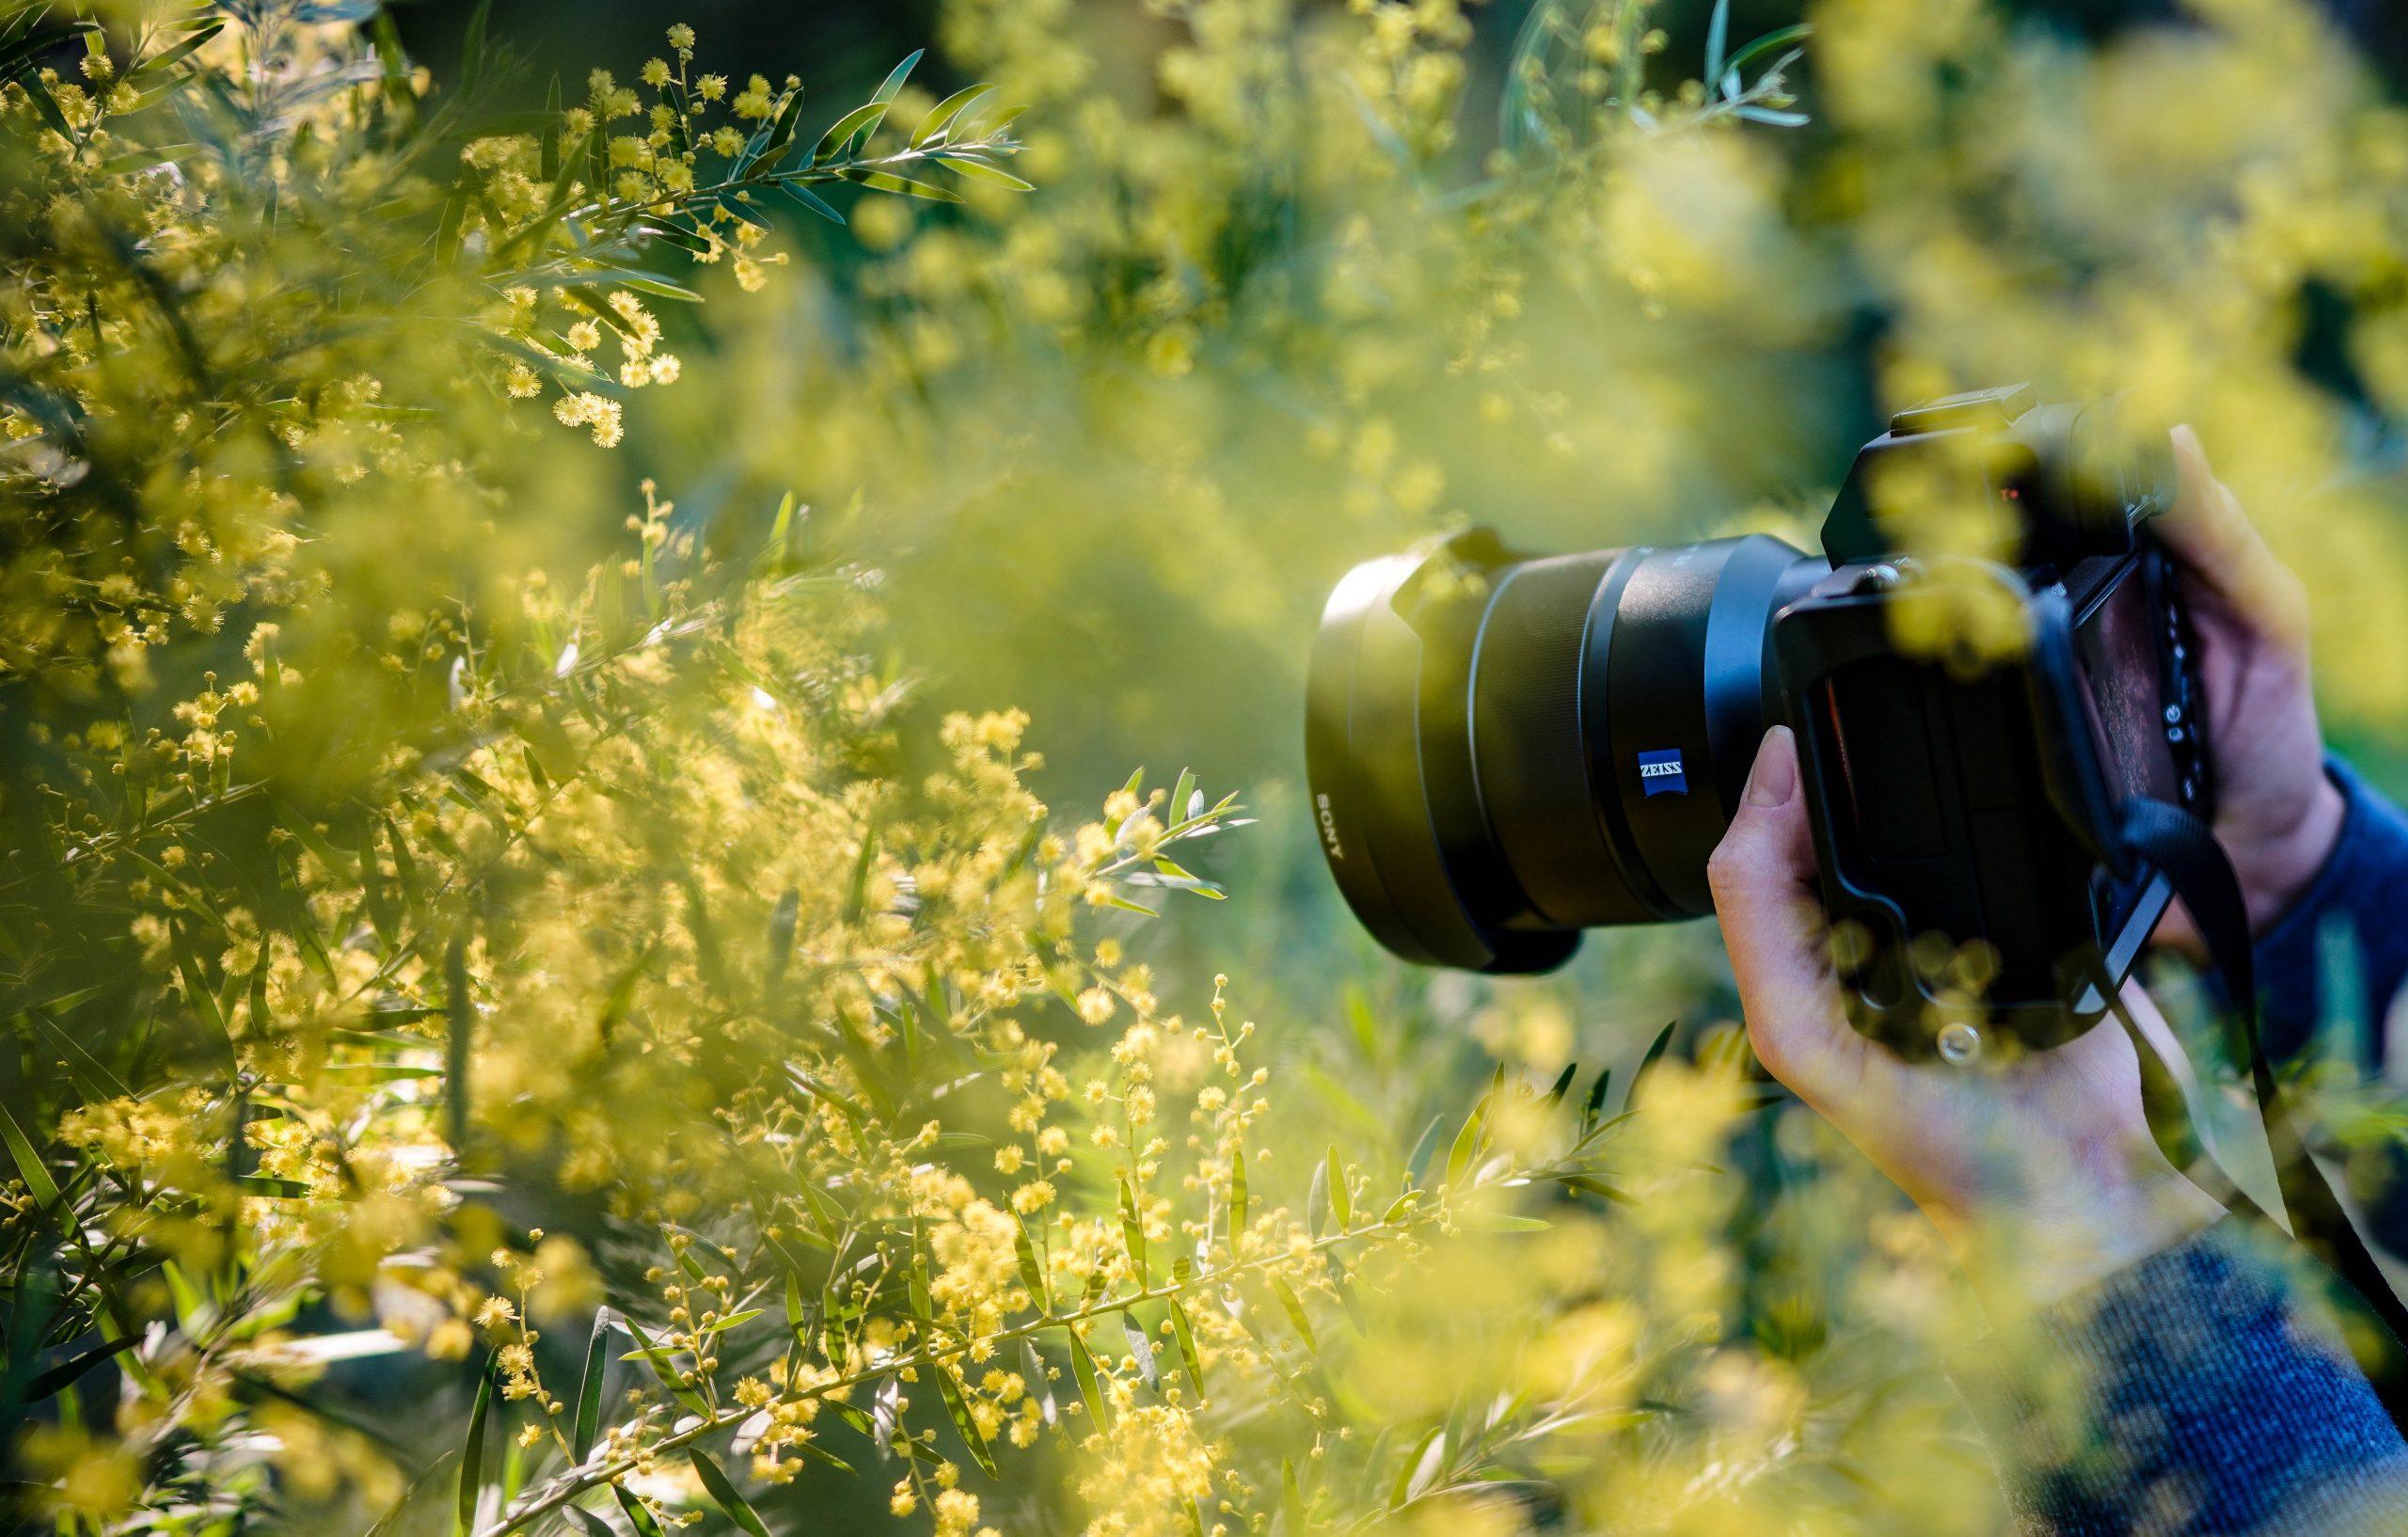 Fotorekking